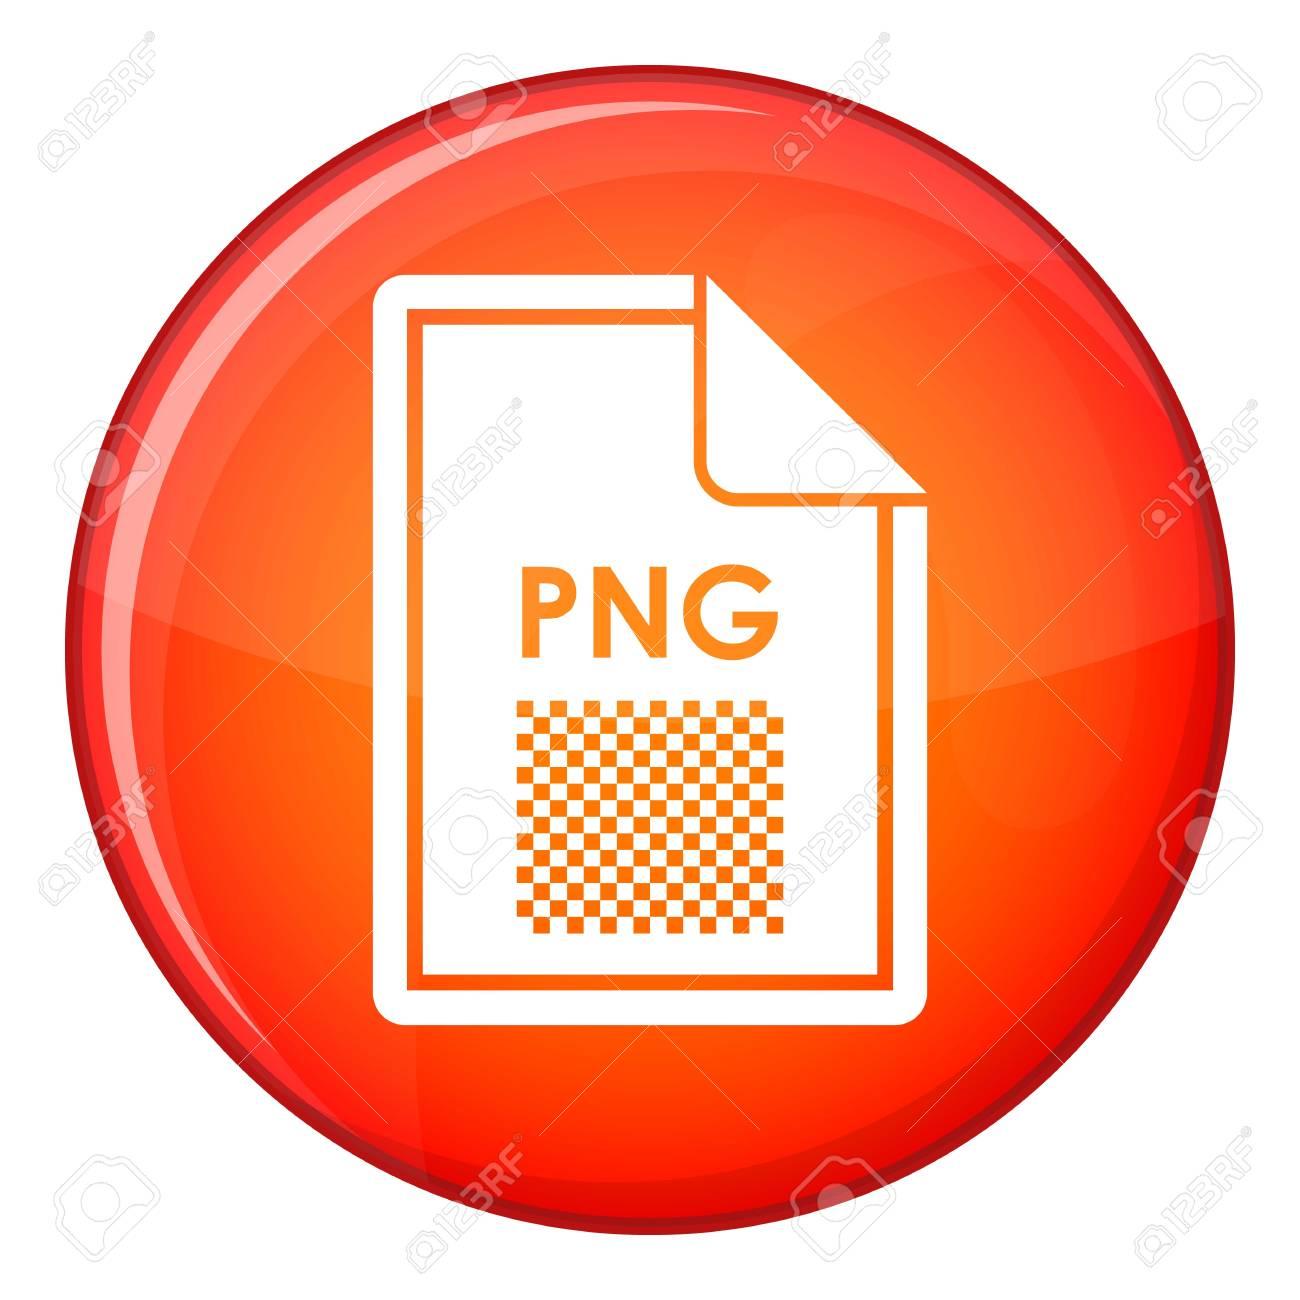 Icône de fichier PNG dans le cercle rouge isolé sur illustration  vectorielle fond blanc.